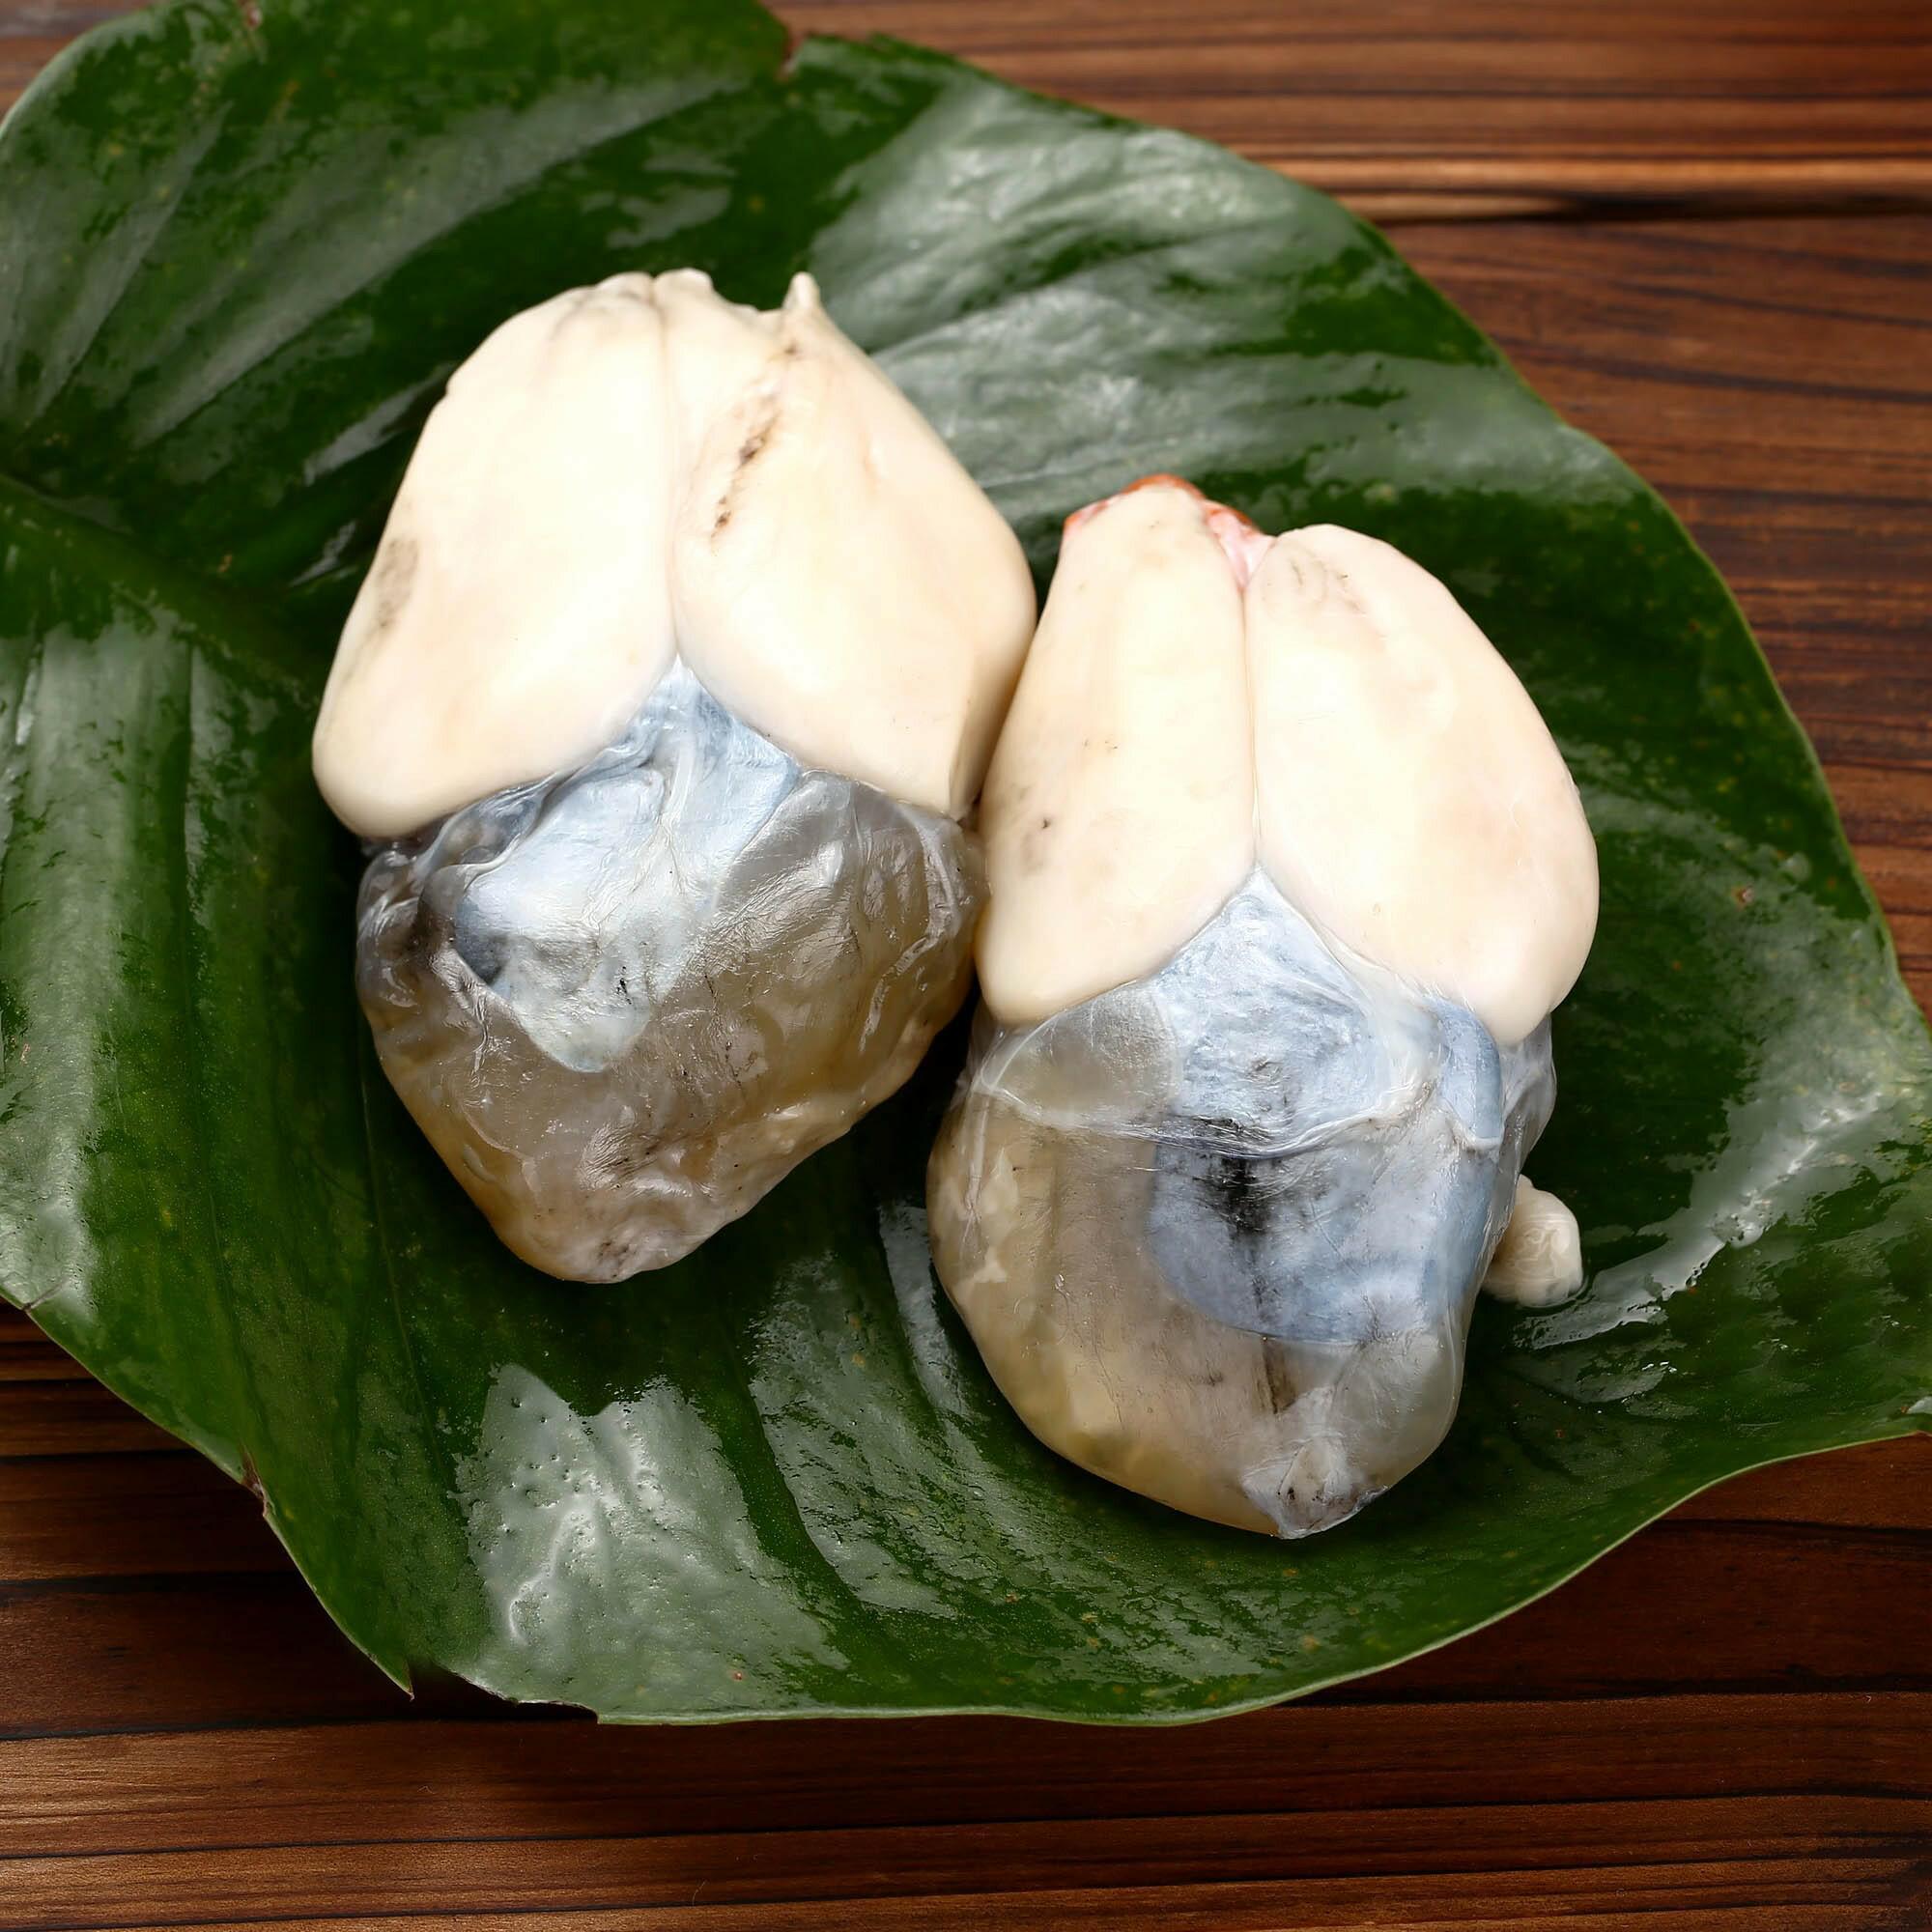 东海野生墨鱼蛋 个大乌贼蛋/目鱼蛋带膏 宁波腌制干水产海鲜500g